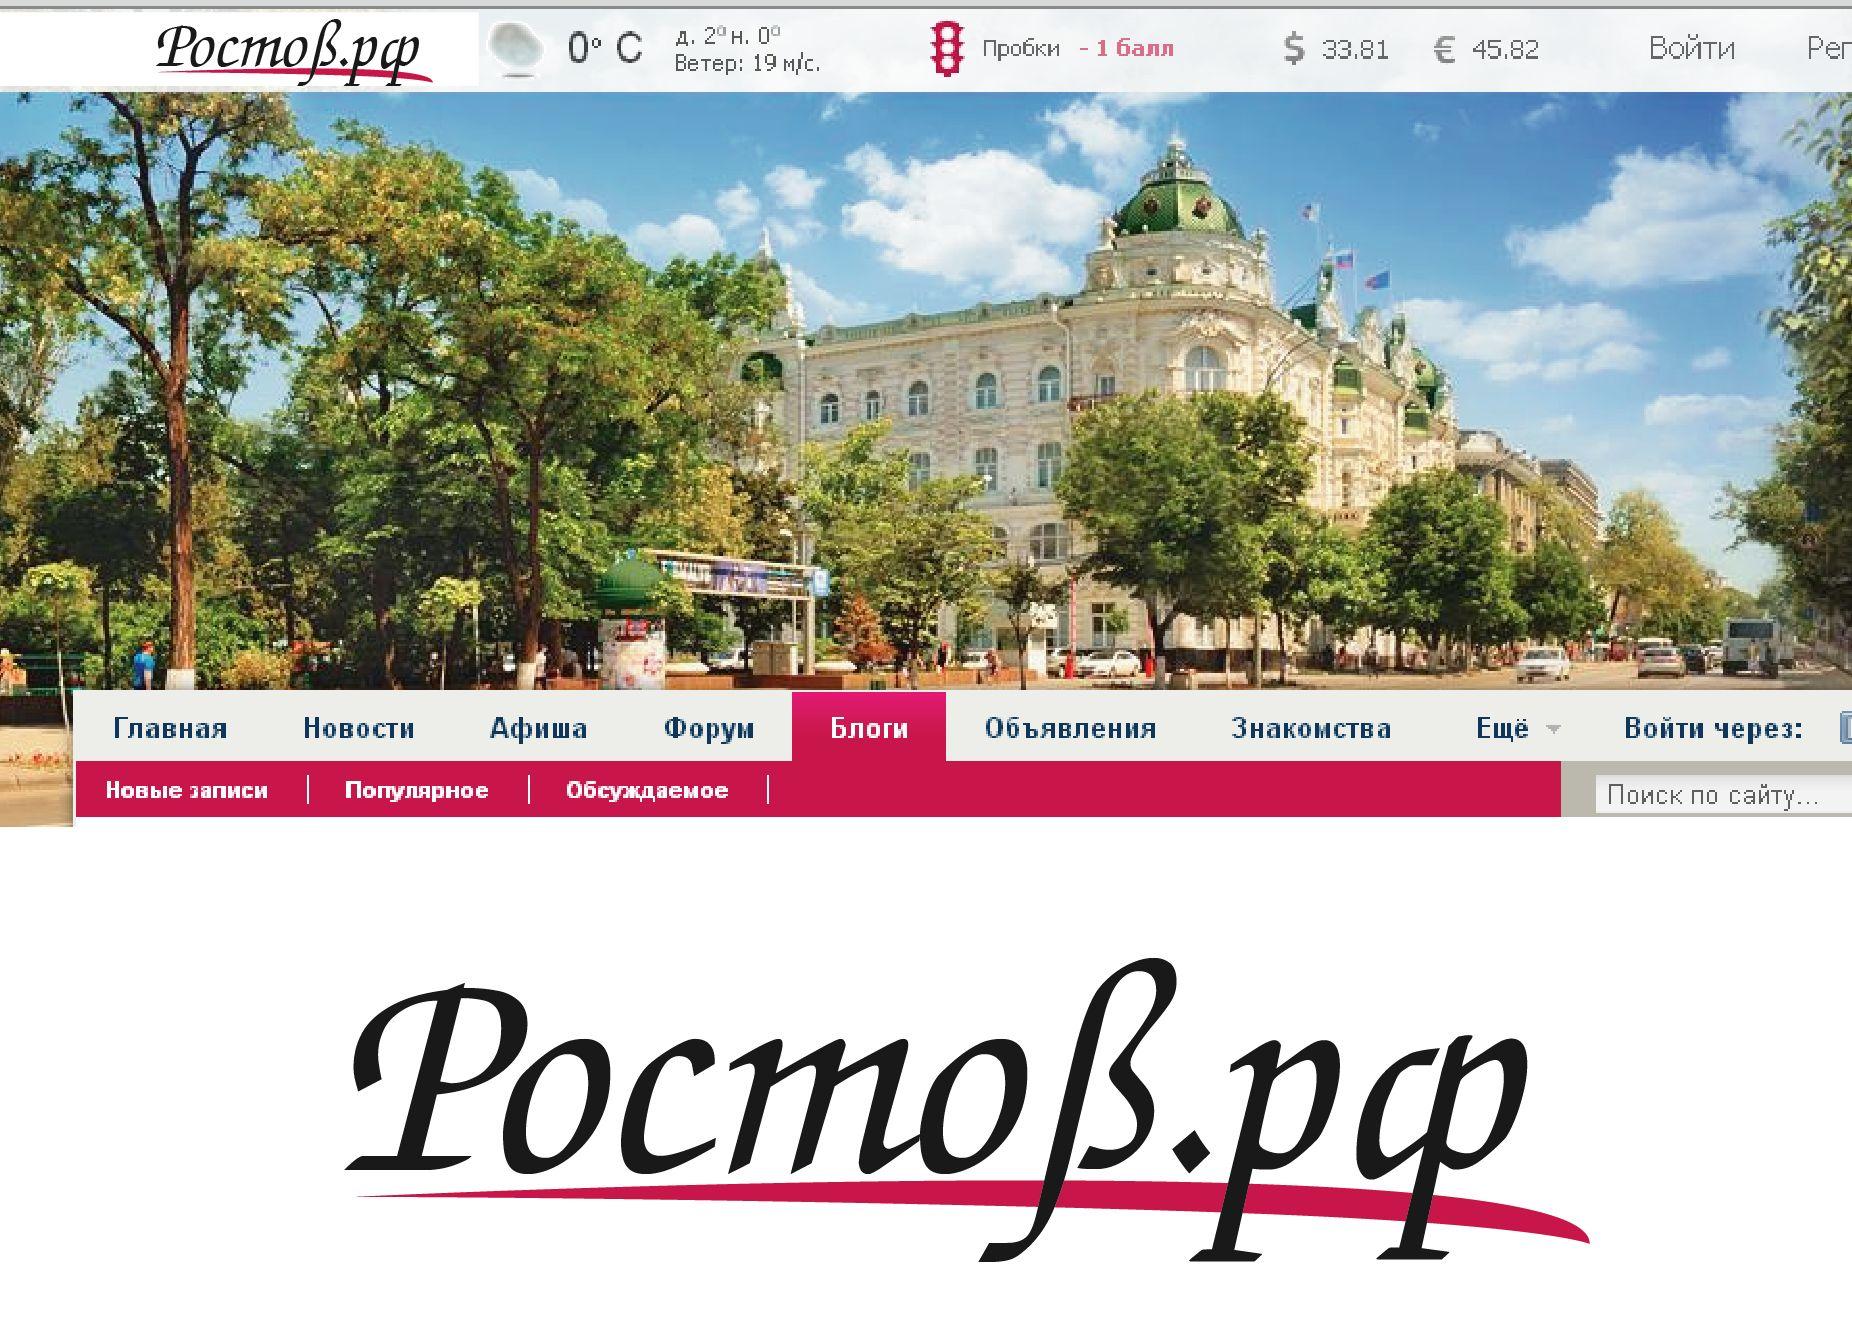 Логотип для портала Ростов.рф - дизайнер zet333